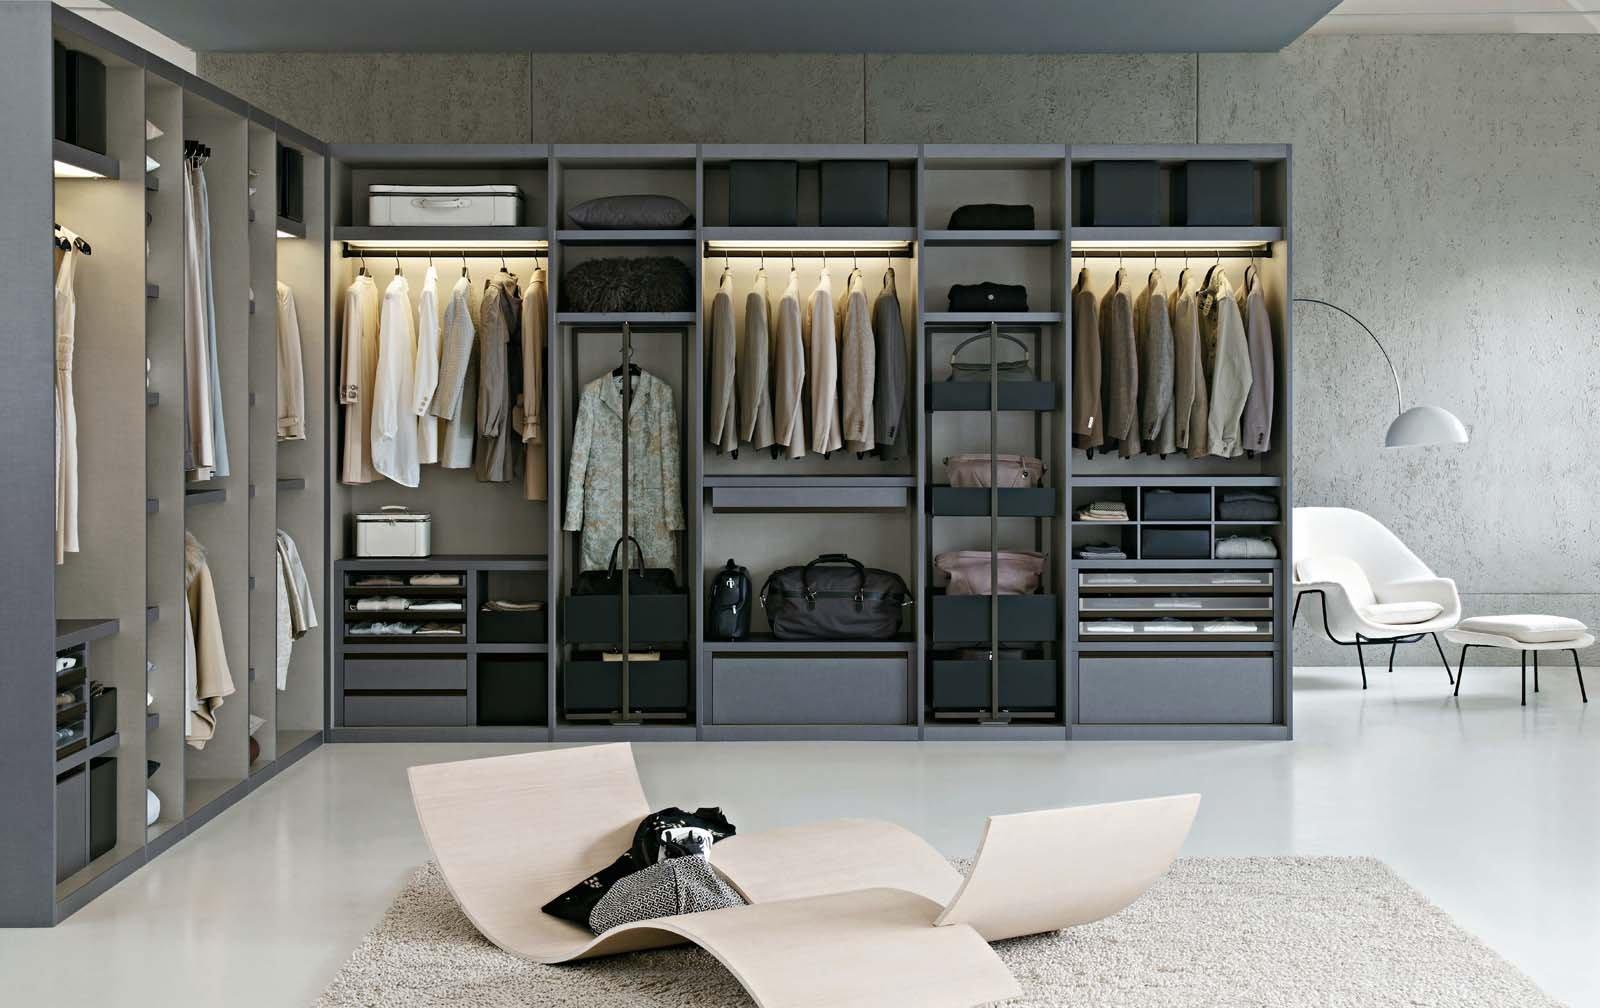 casabook immobiliare: cabine armadio, soluzione trendy - Ampio Armadio Allinterno Idee Progettuali